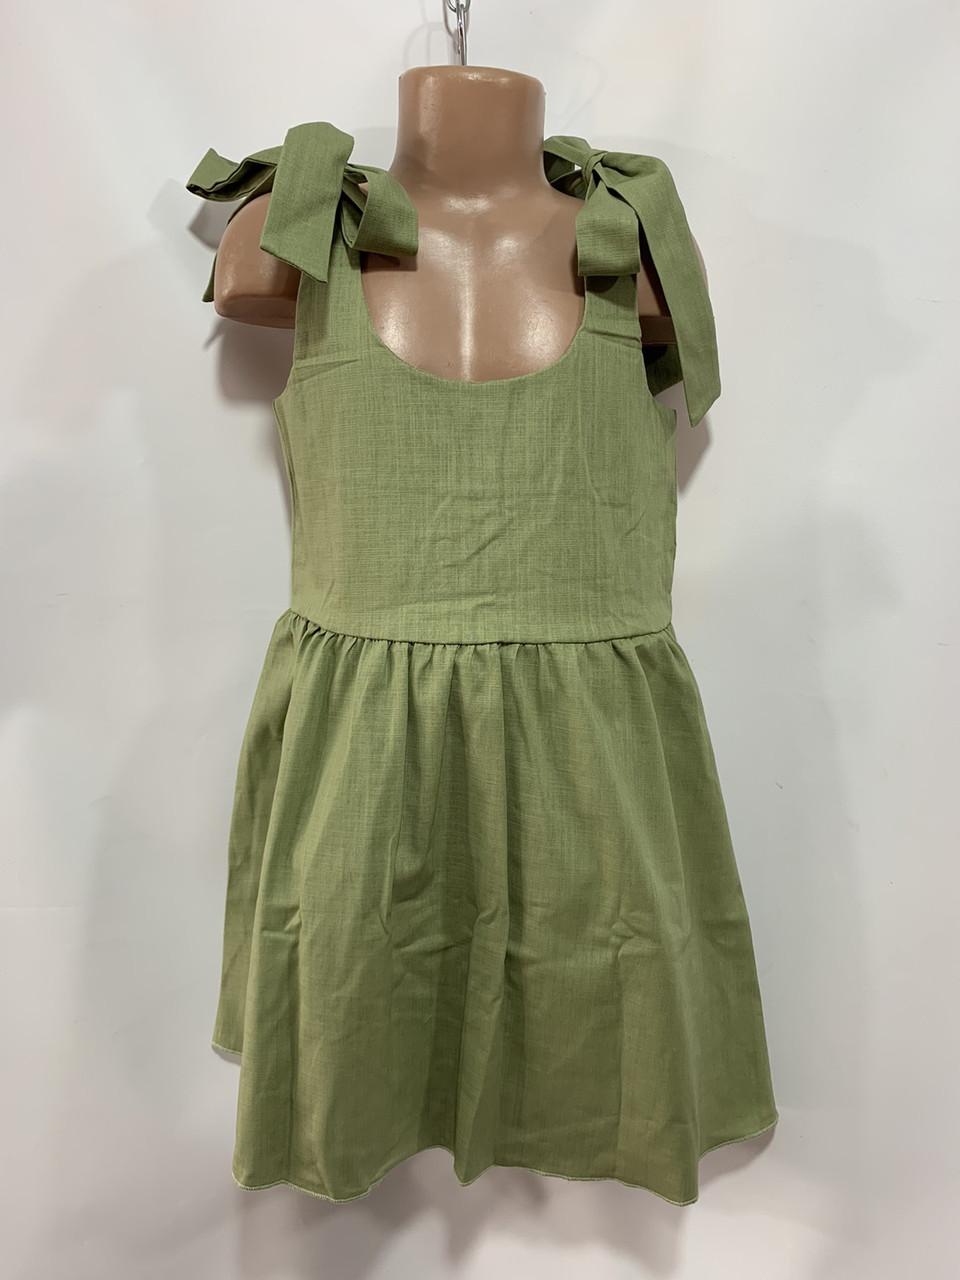 Летний сарафан для девочки р. 6-10 лет зеленый